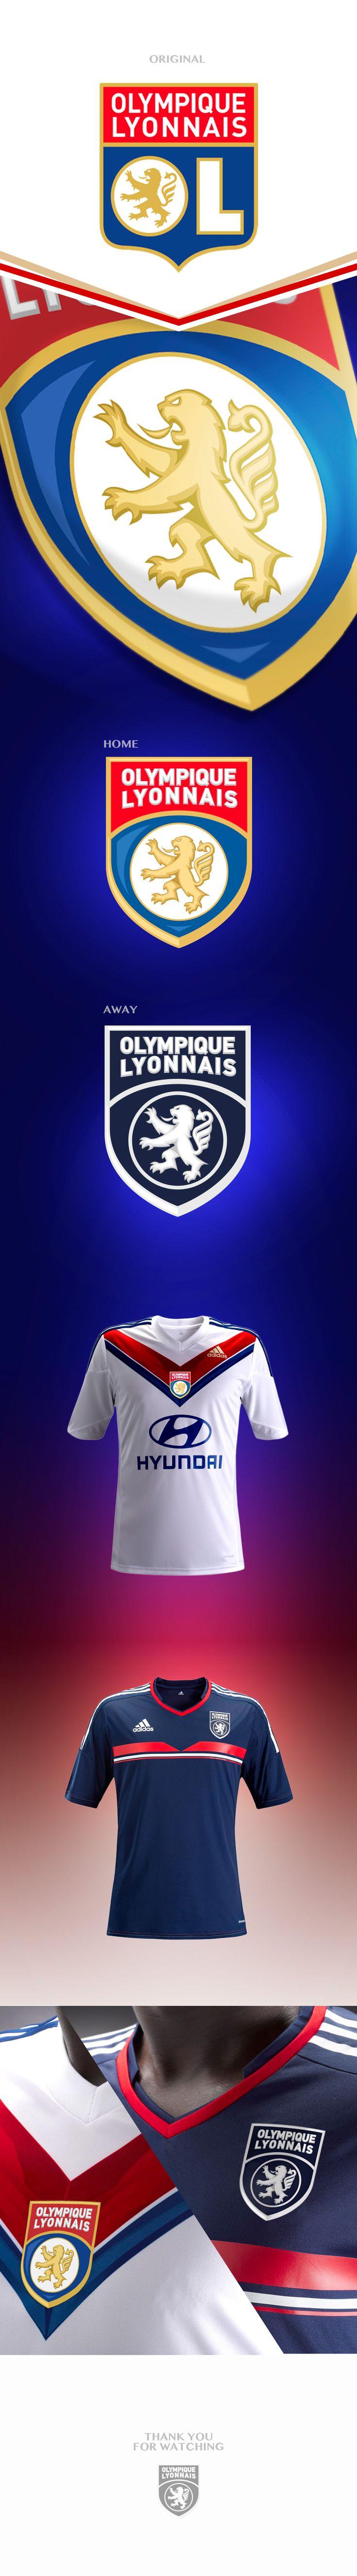 Concept logo of Olympic Lyonnais Football Club.